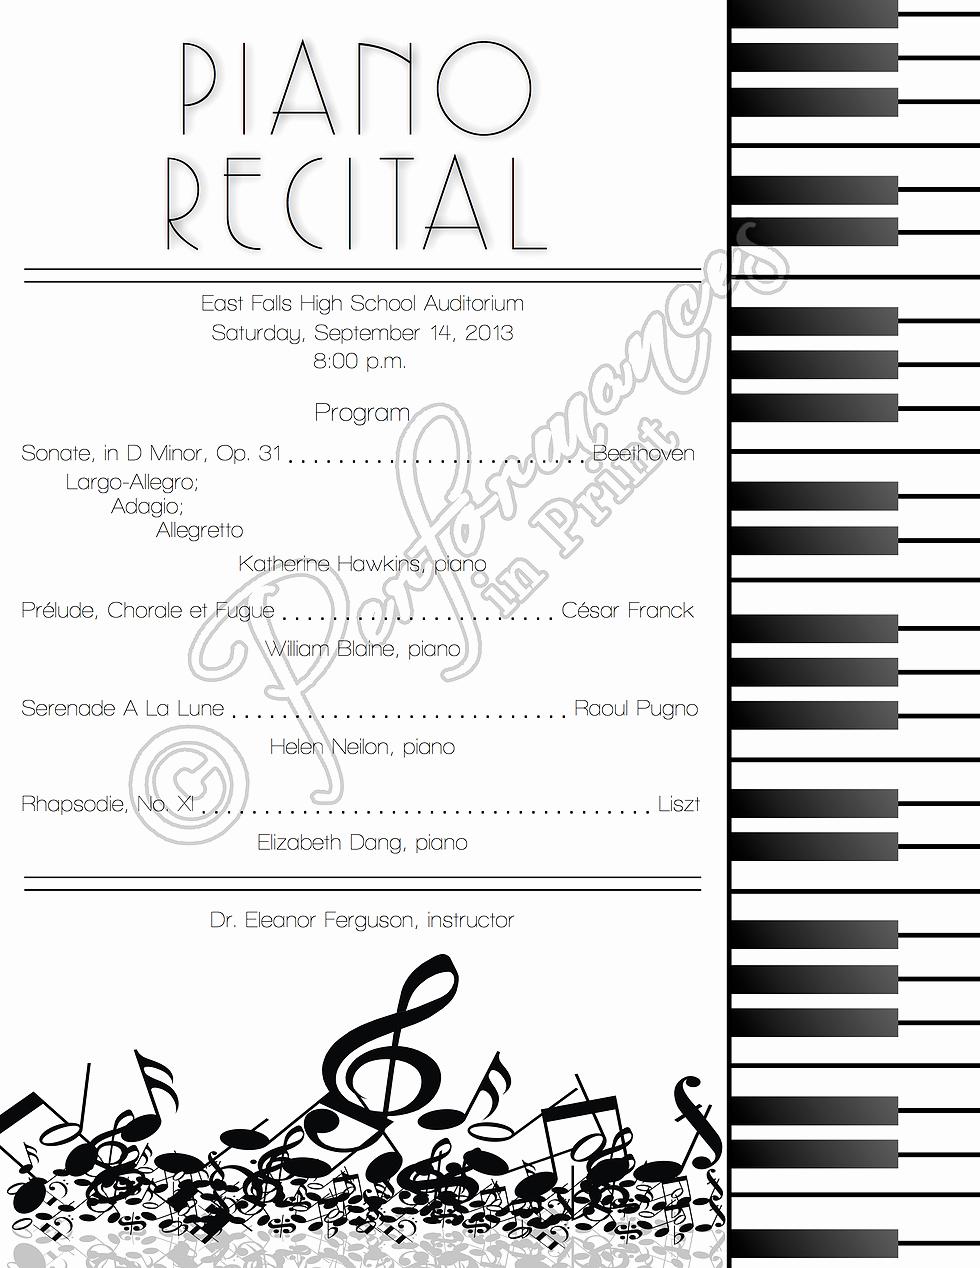 Musical Program Templates Awesome Piano Recital Concert Music Program